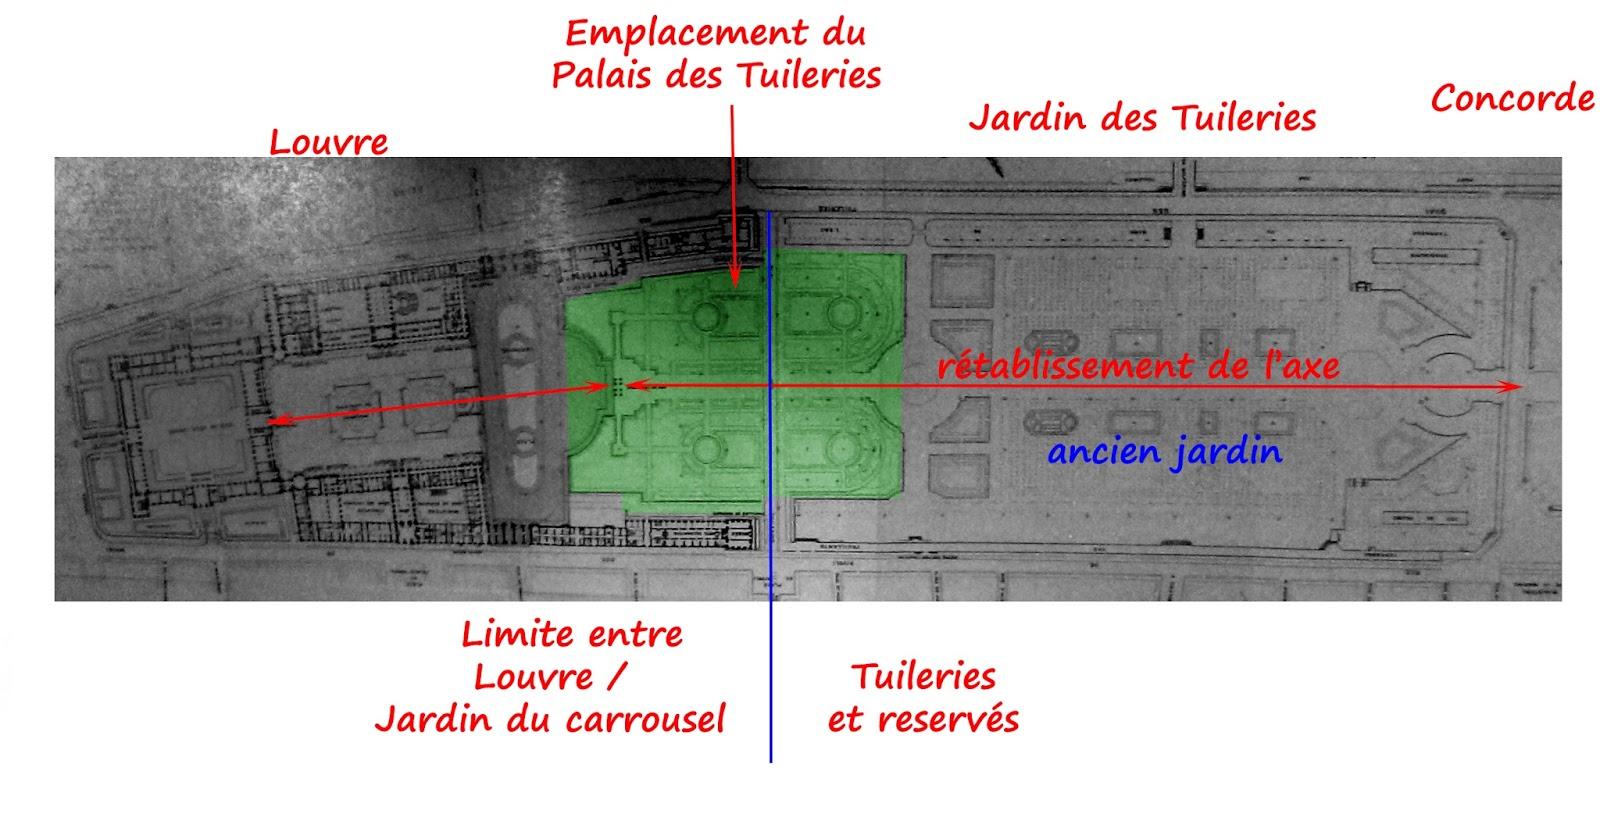 L 39 ann e du jardinier je n 39 aime pas le jardin des - Plan detaille du jardin des tuileries ...